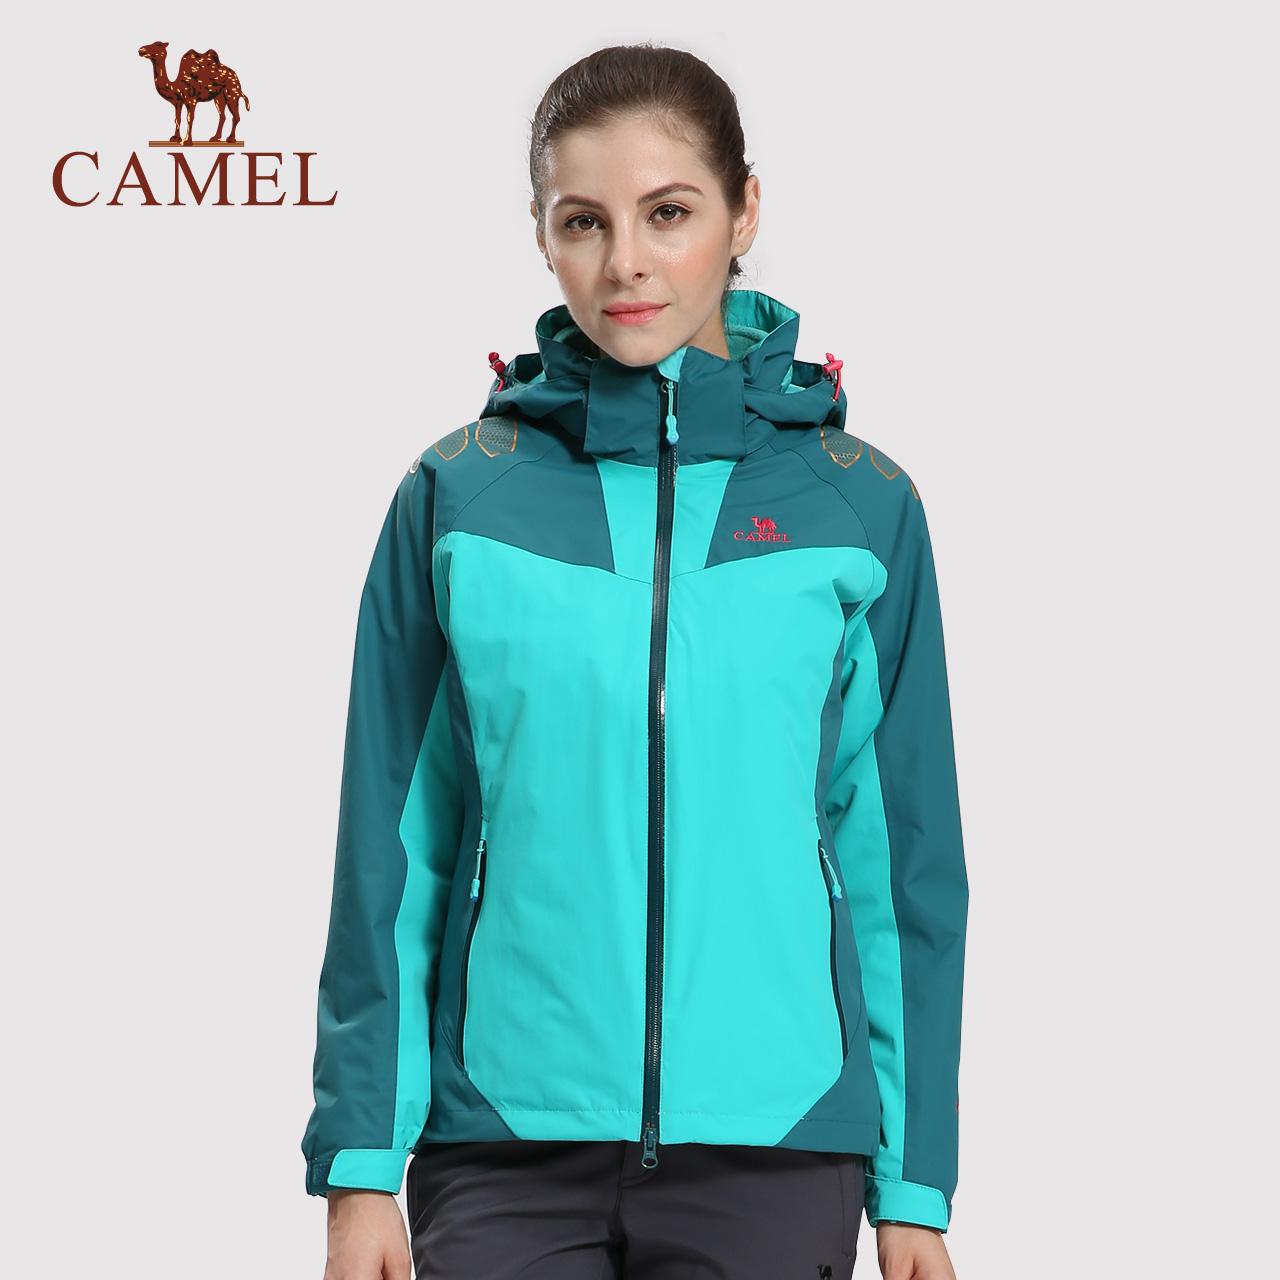 特卖骆驼户外撞色女冲锋衣三合一防风防水登山服潮牌工装外套